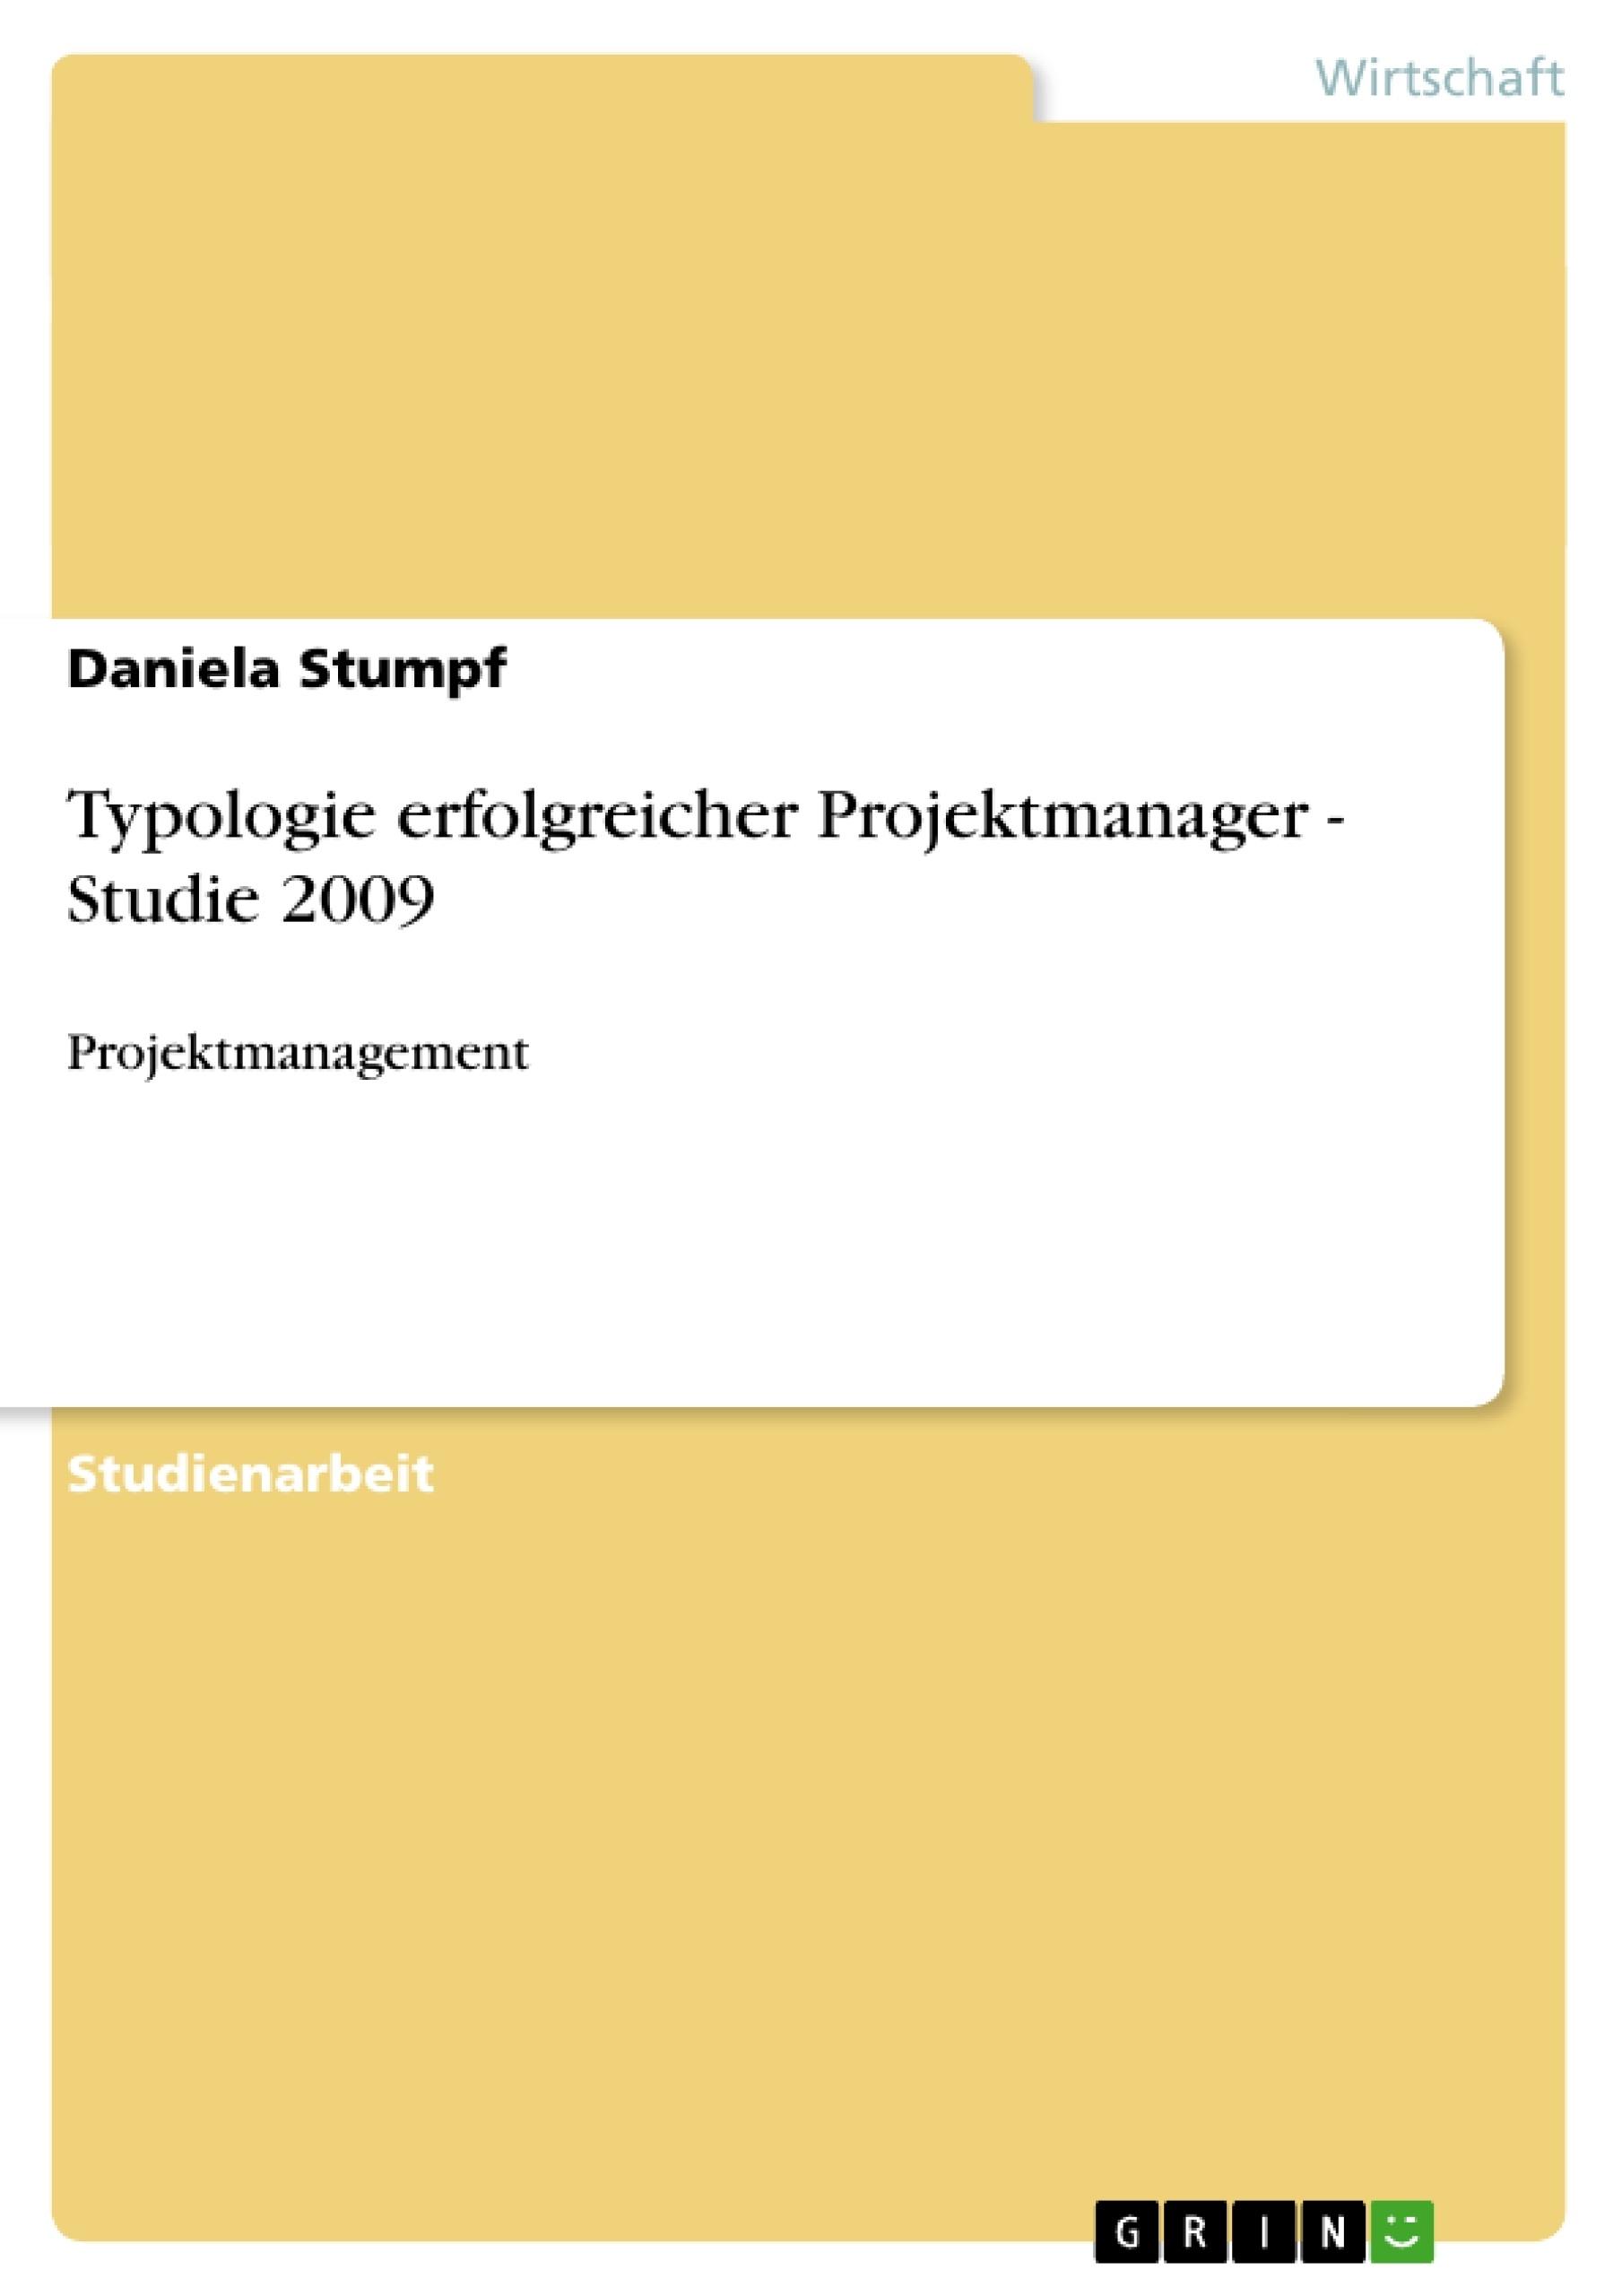 bachelor thesis projektmanagement bau